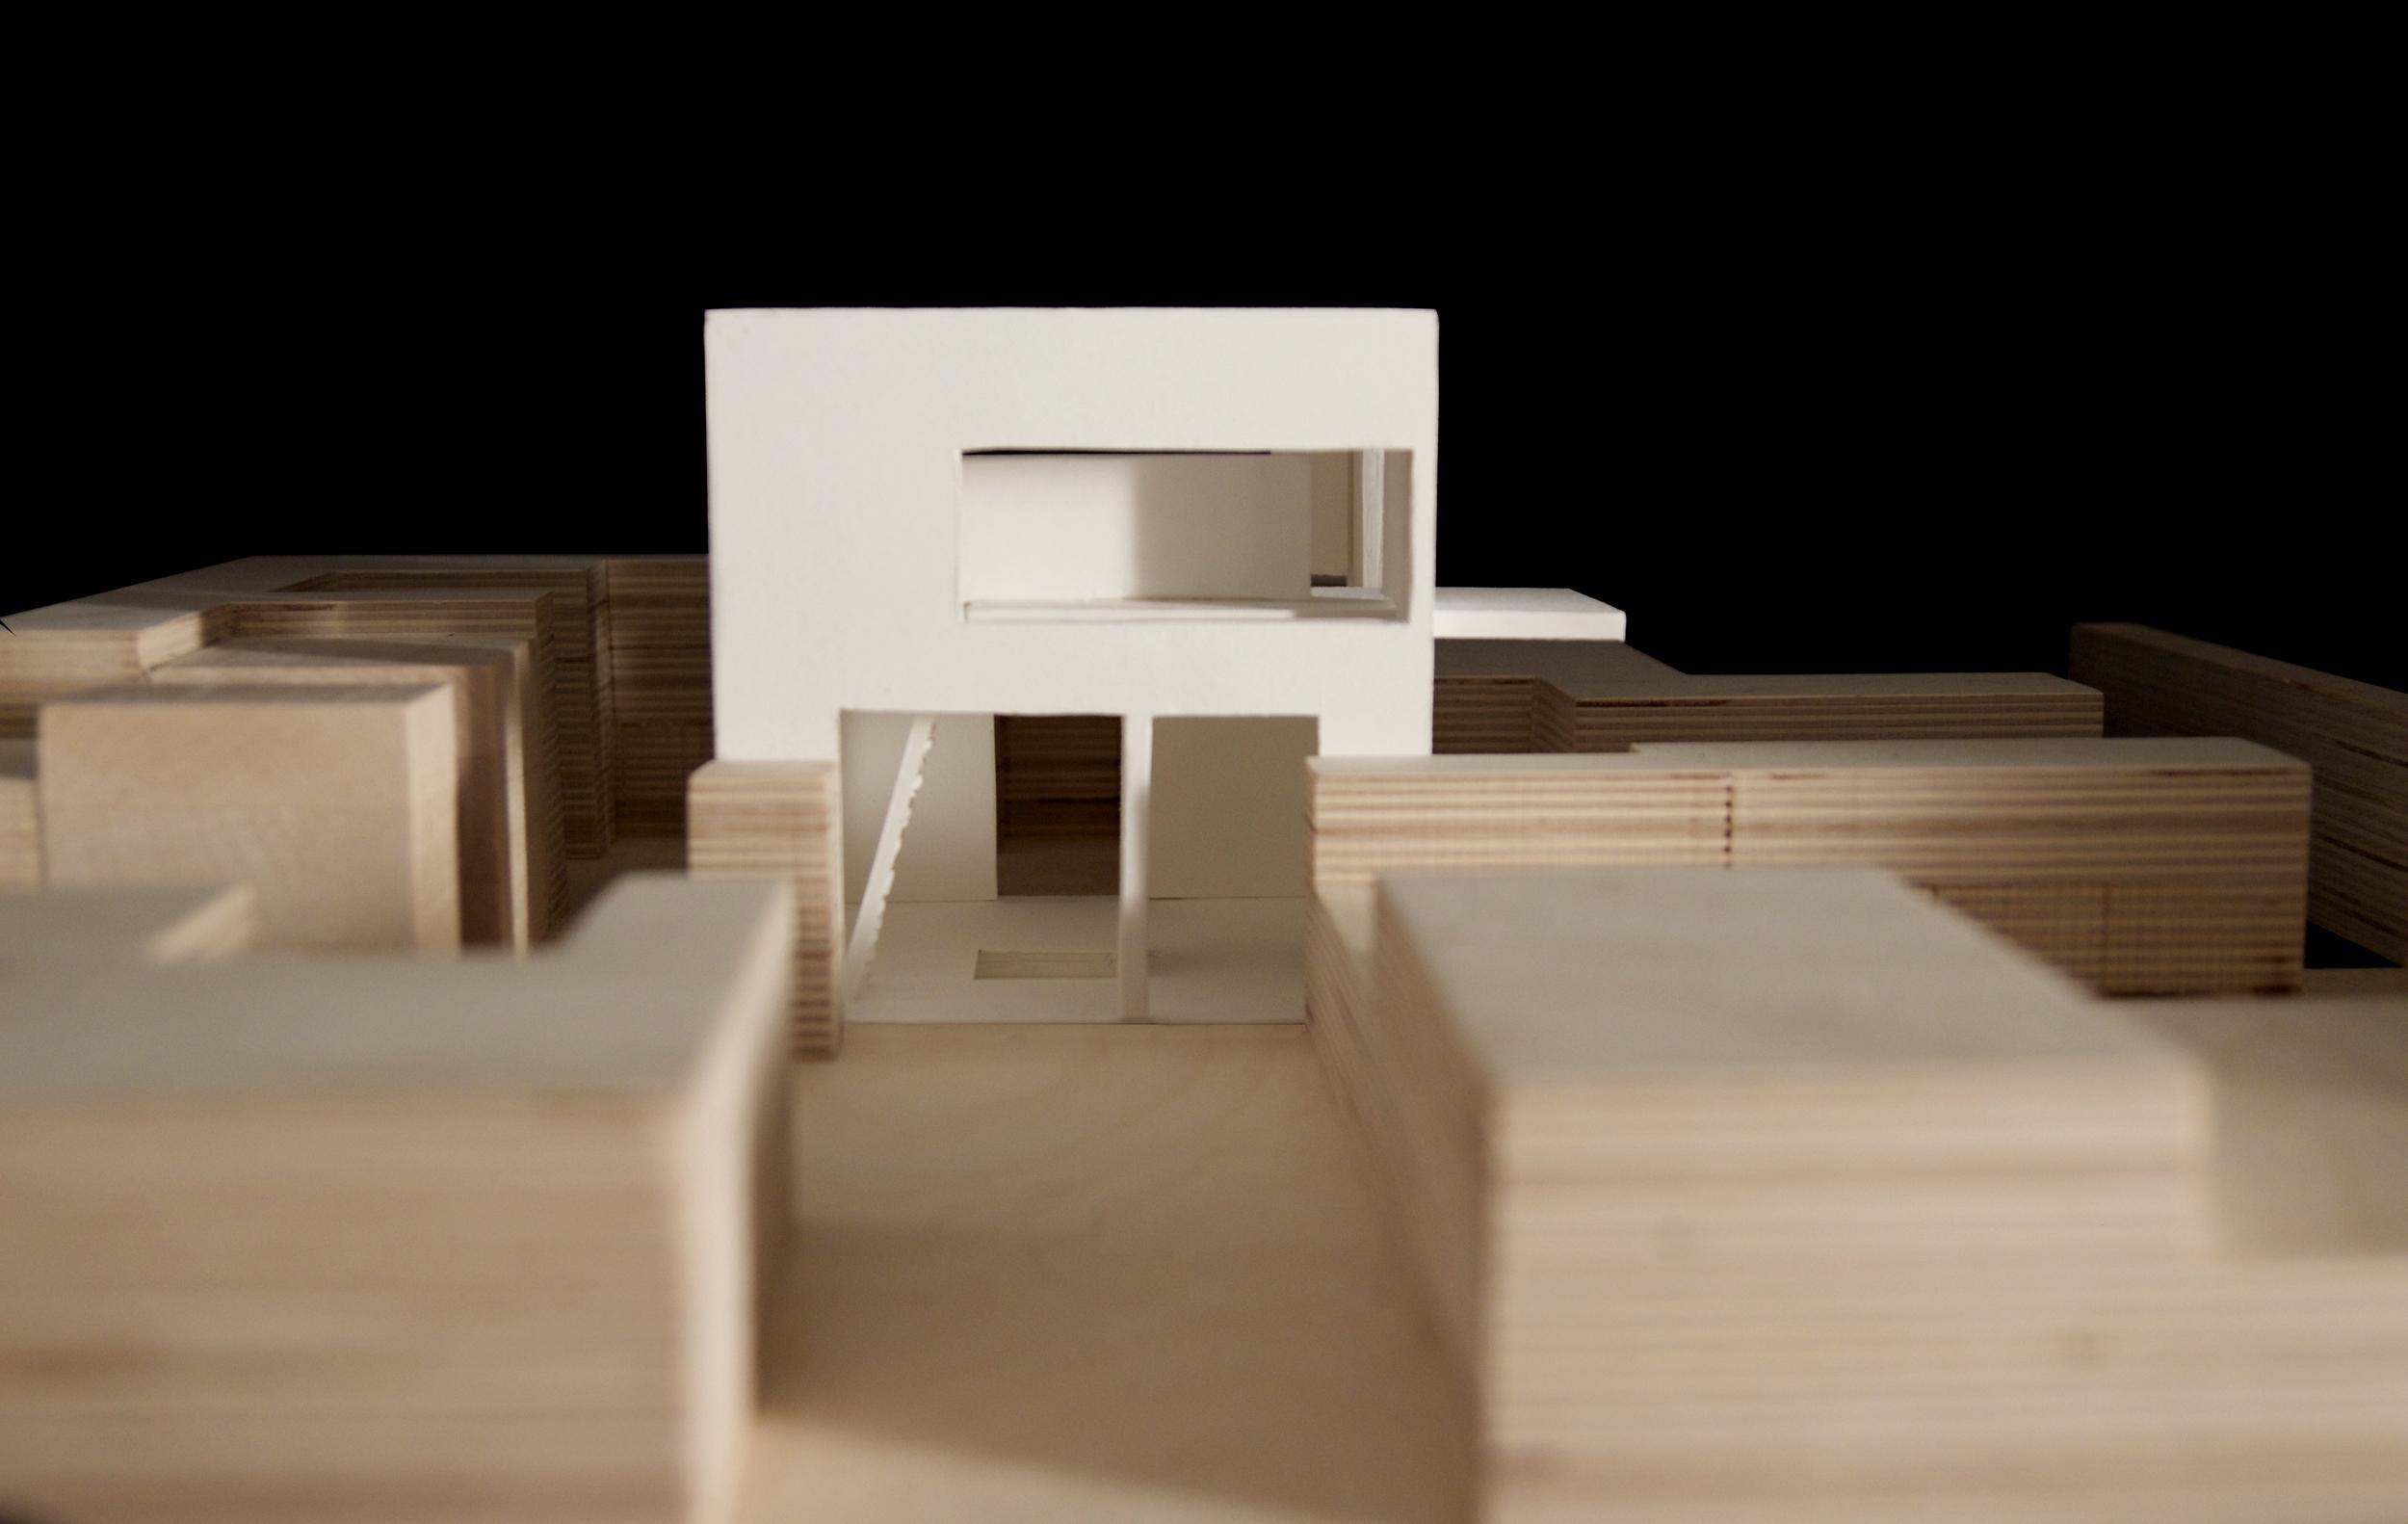 model 5.jpg